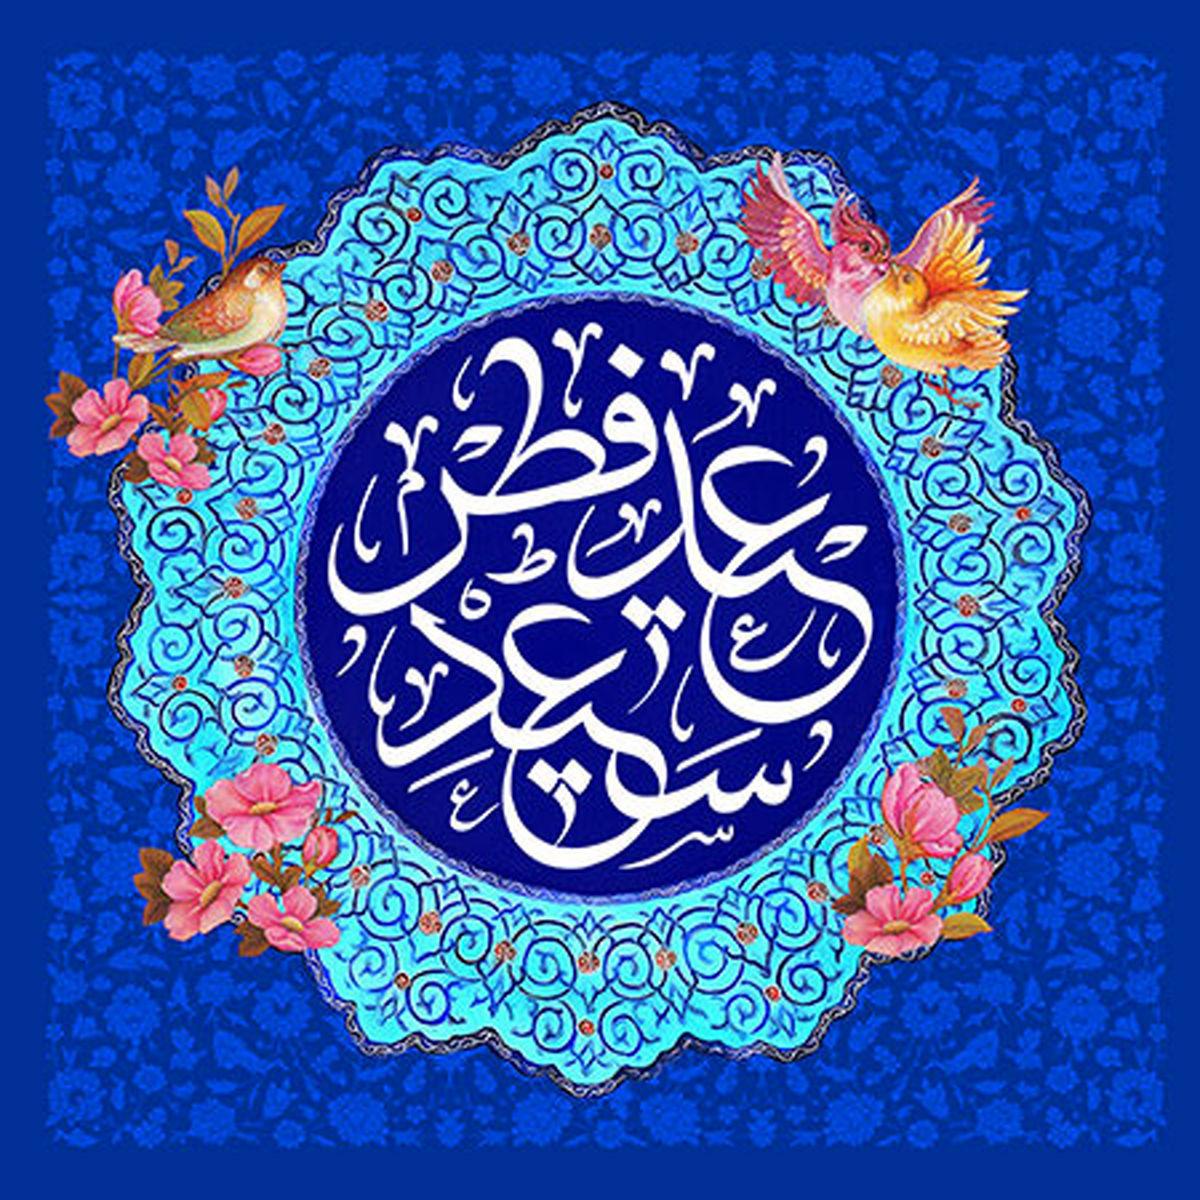 پیام تبریک رئیس اتاق اصناف مرکز استان یزد به مناسبت فرارسیدن عید سعید فطر